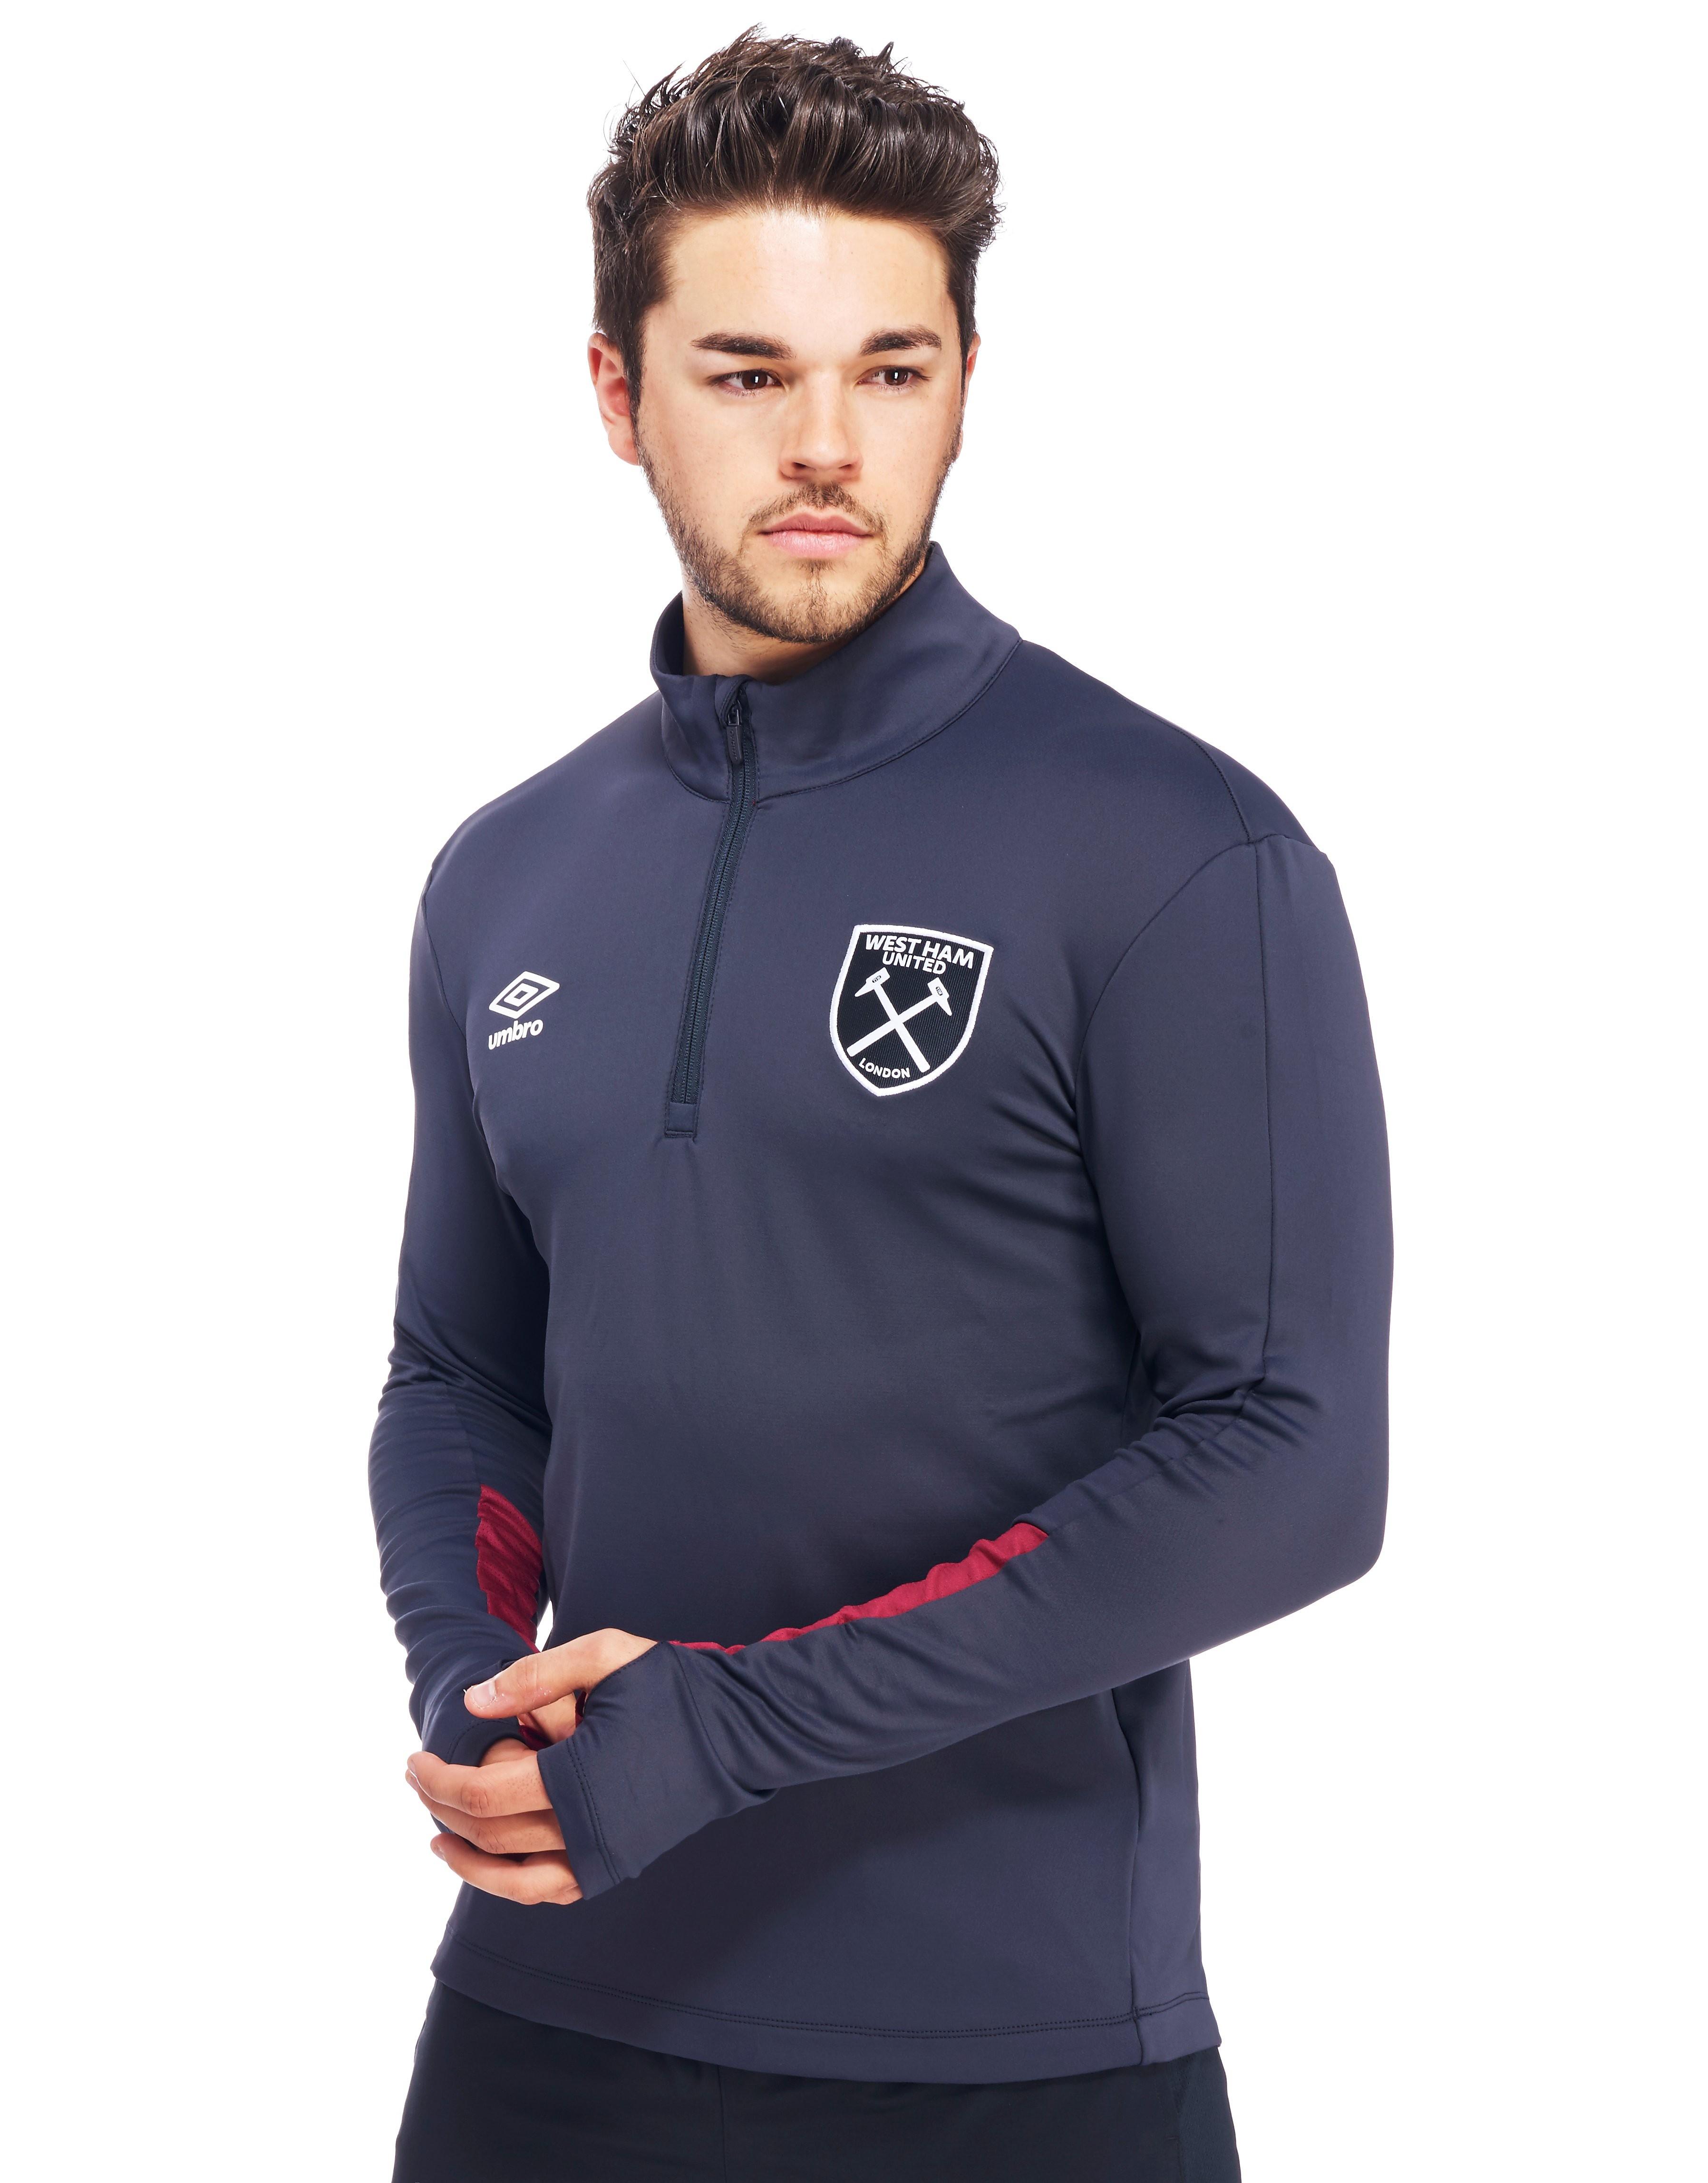 Umbro West Ham United 2016/17 Half Zip Training Top